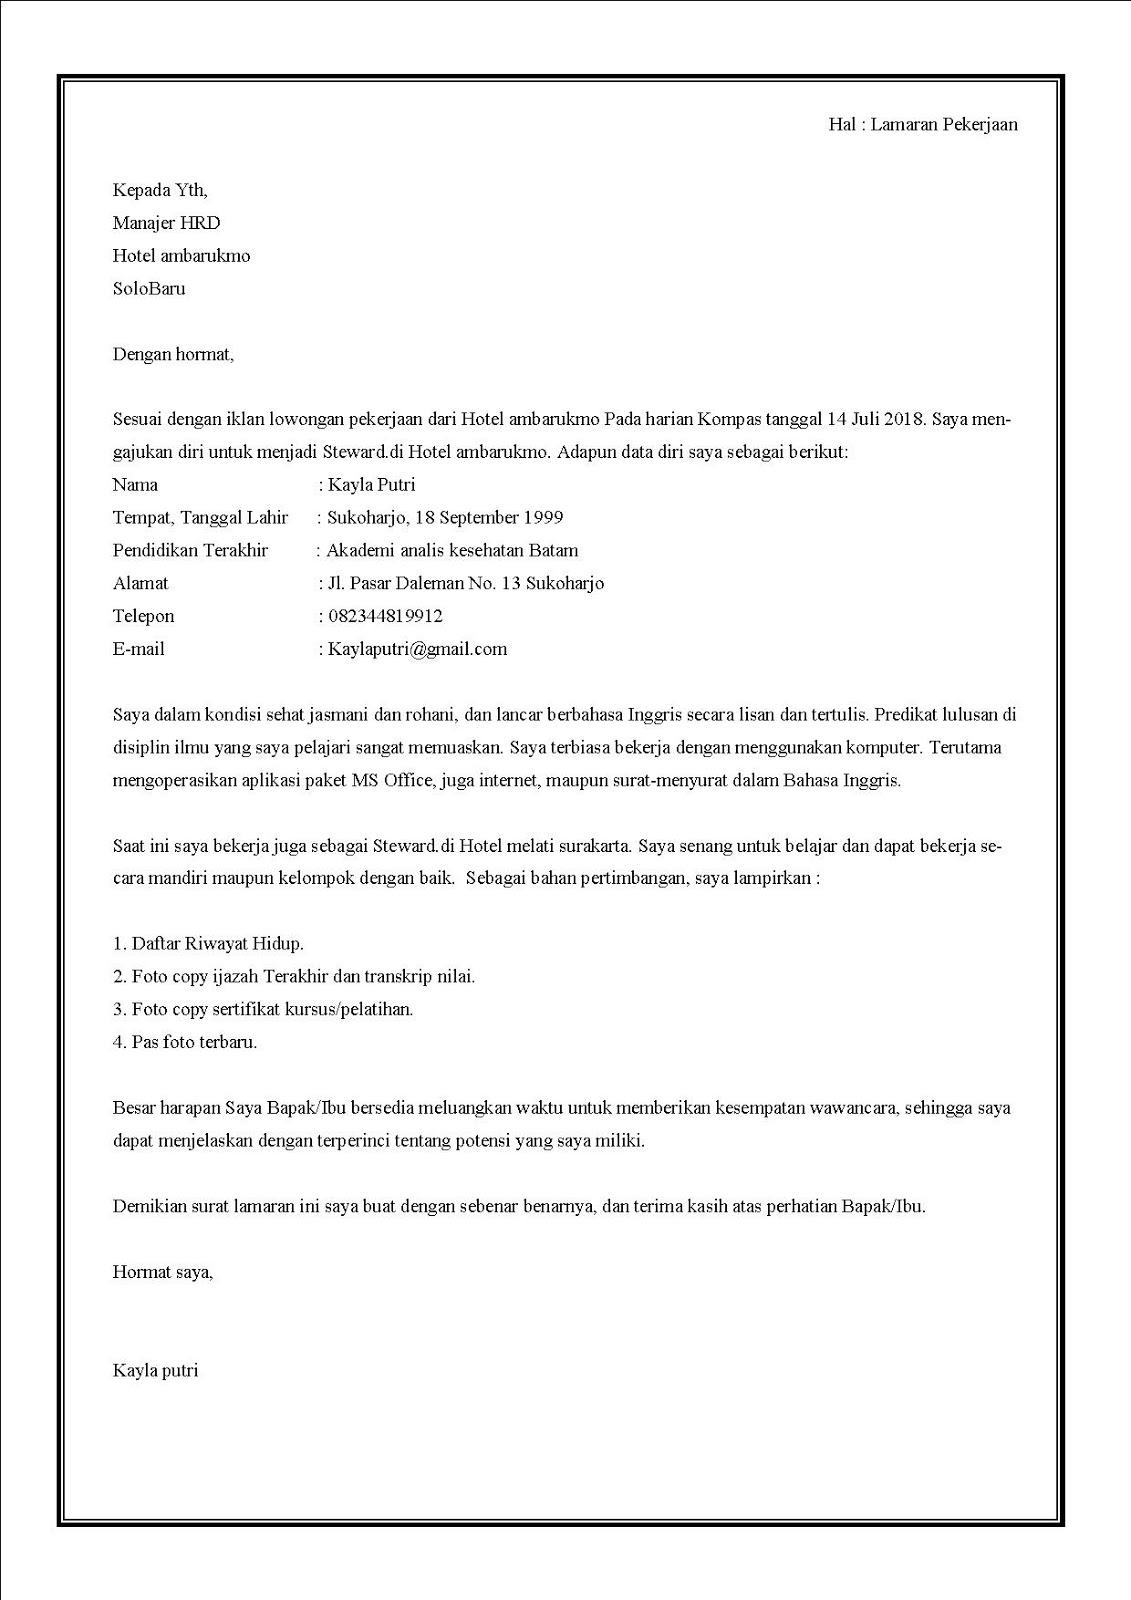 Contoh surat lamaran kerja di hotel sebagai Steward